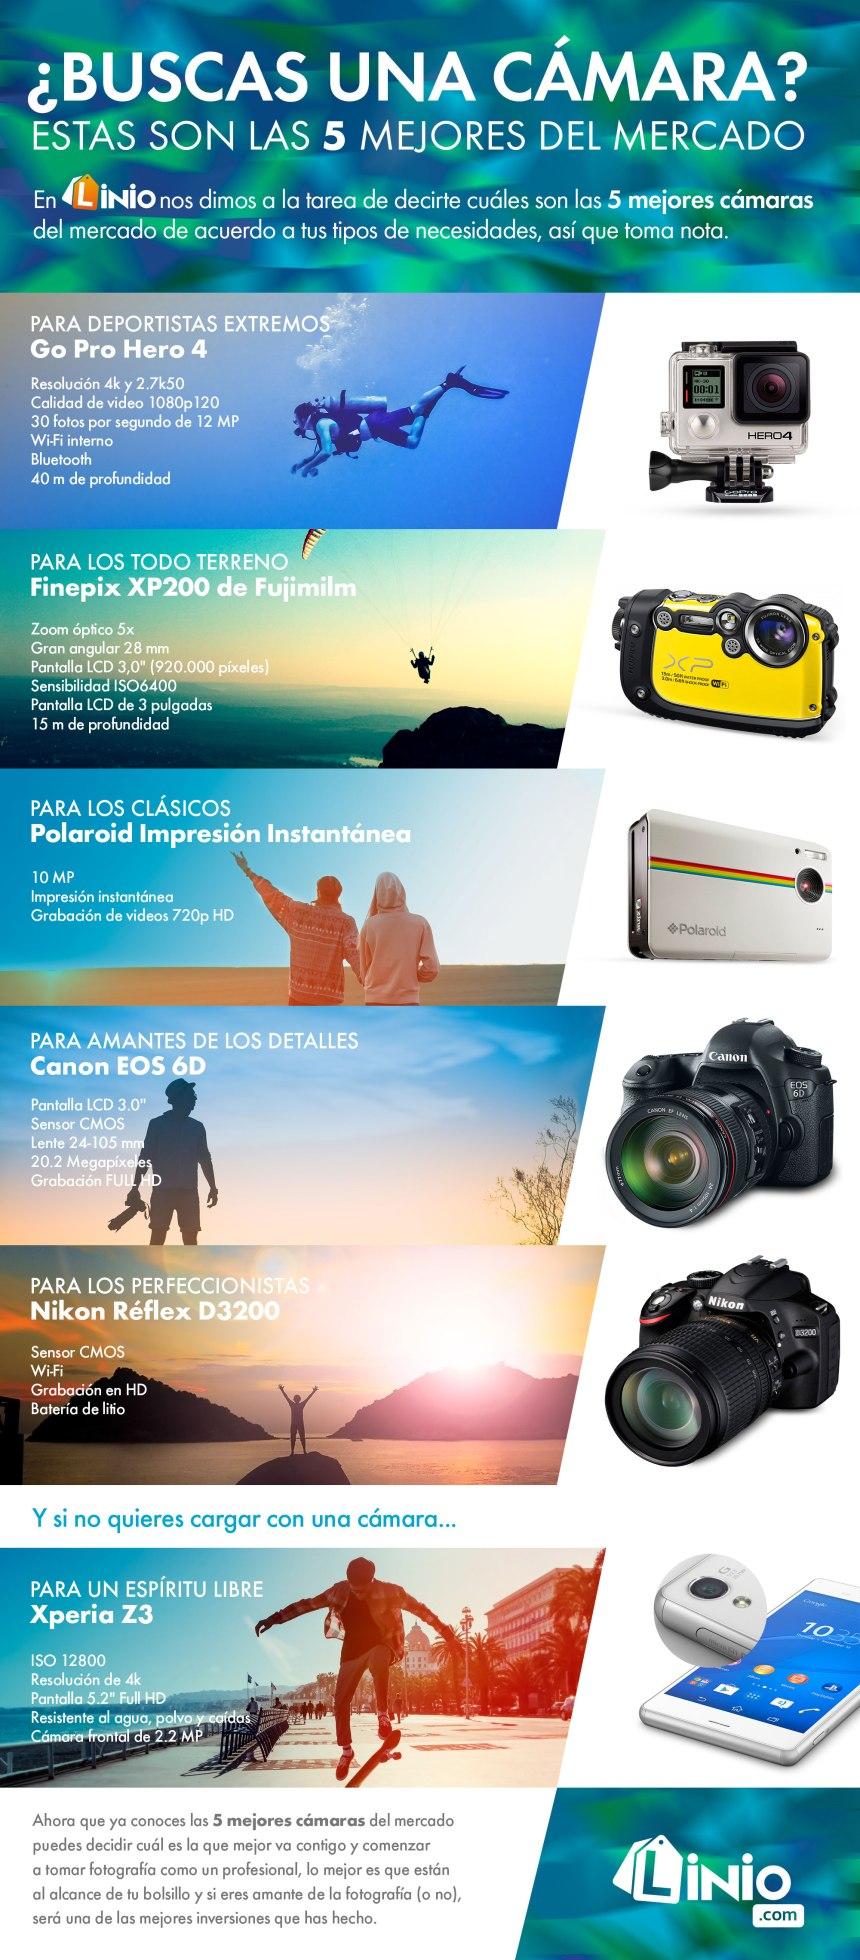 Las 5 (o 6) mejores cámaras fotográficas del mercado